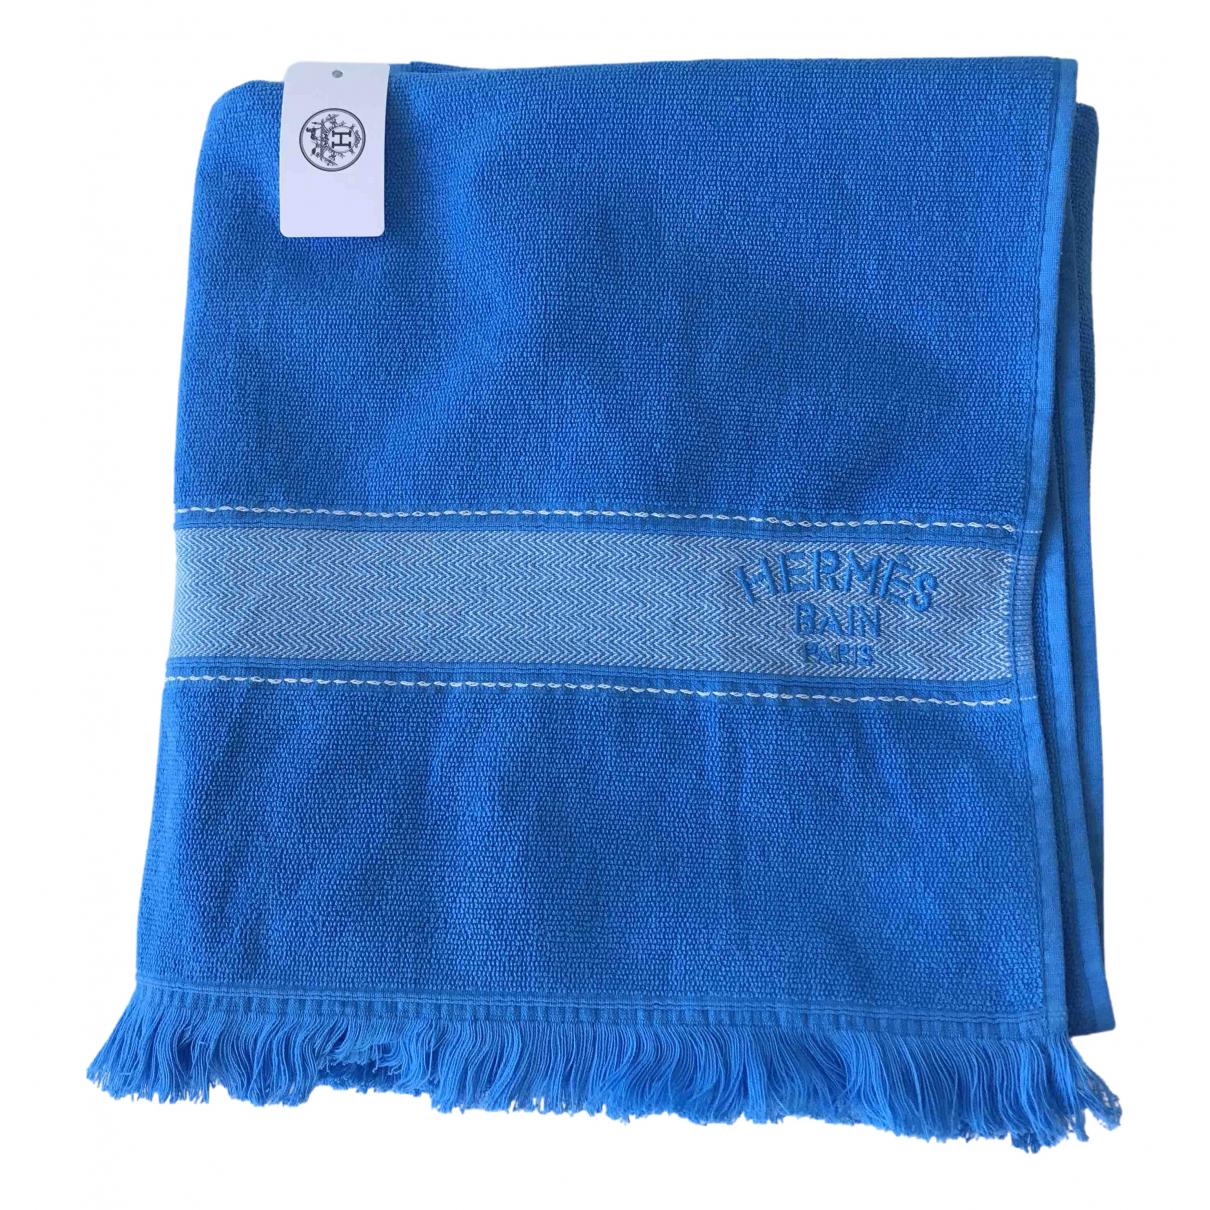 Hermes - Linge de maison   pour lifestyle en coton